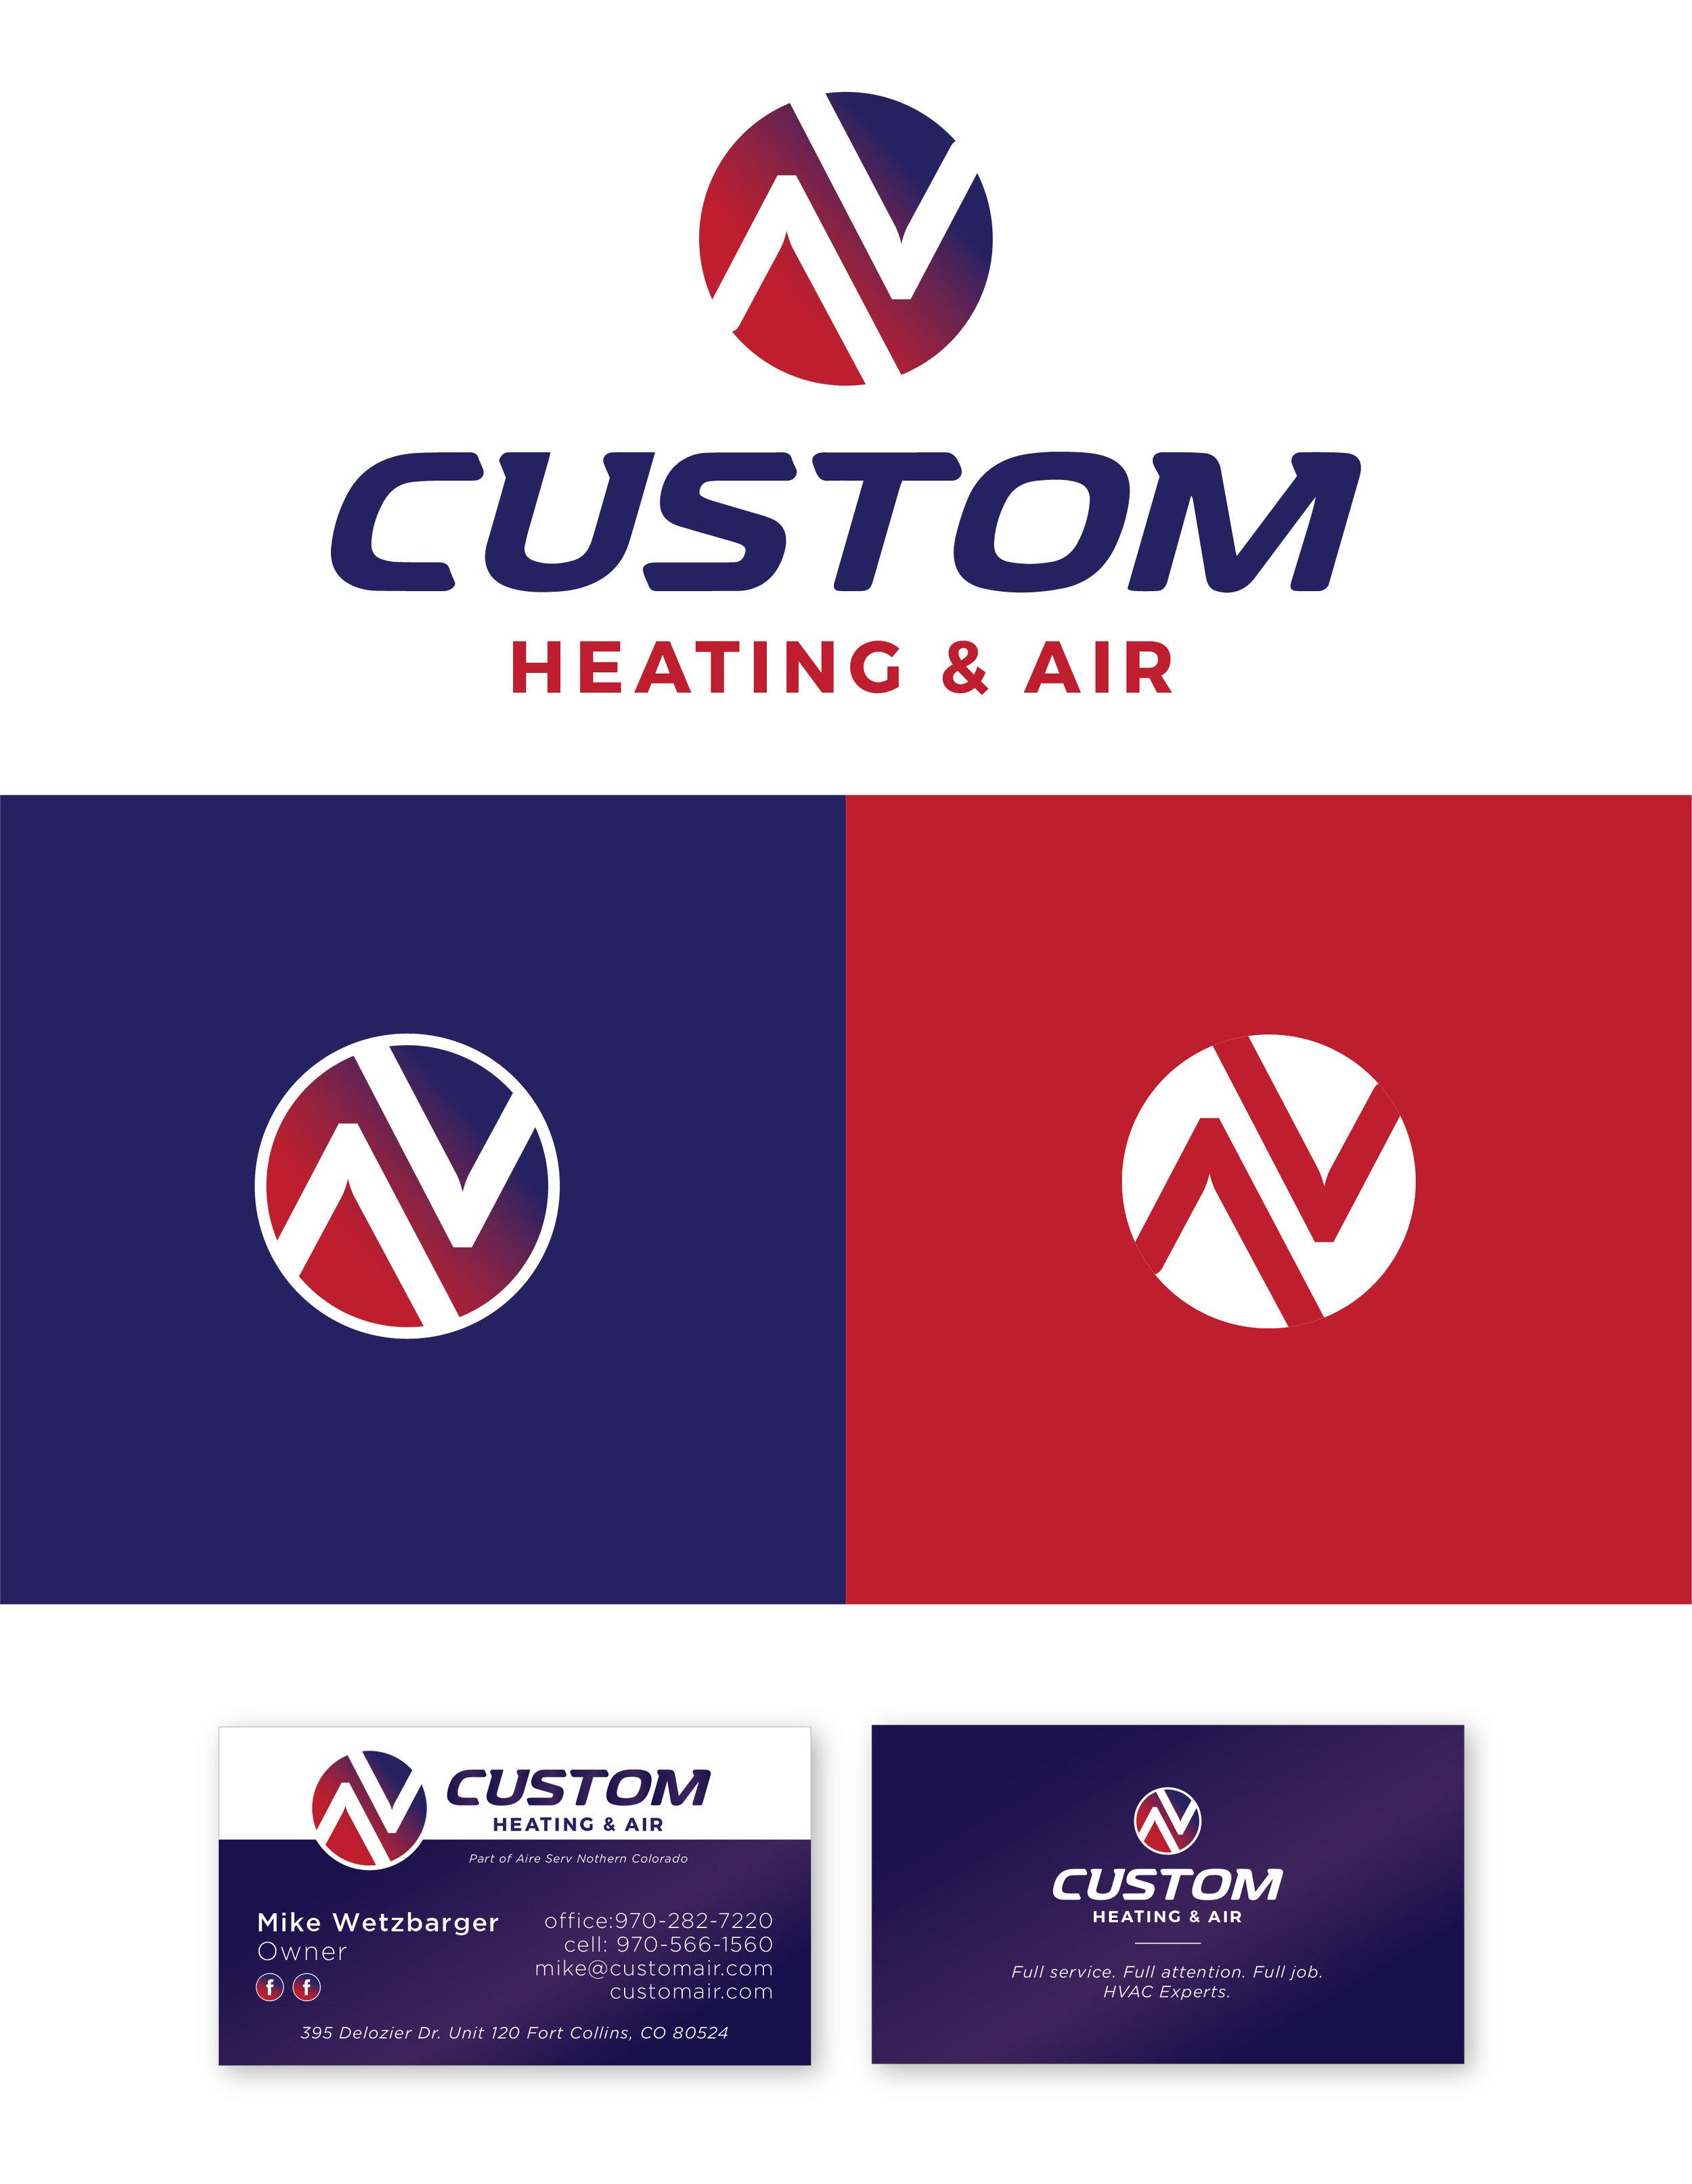 CustomHeat_FirstLook-03.jpg